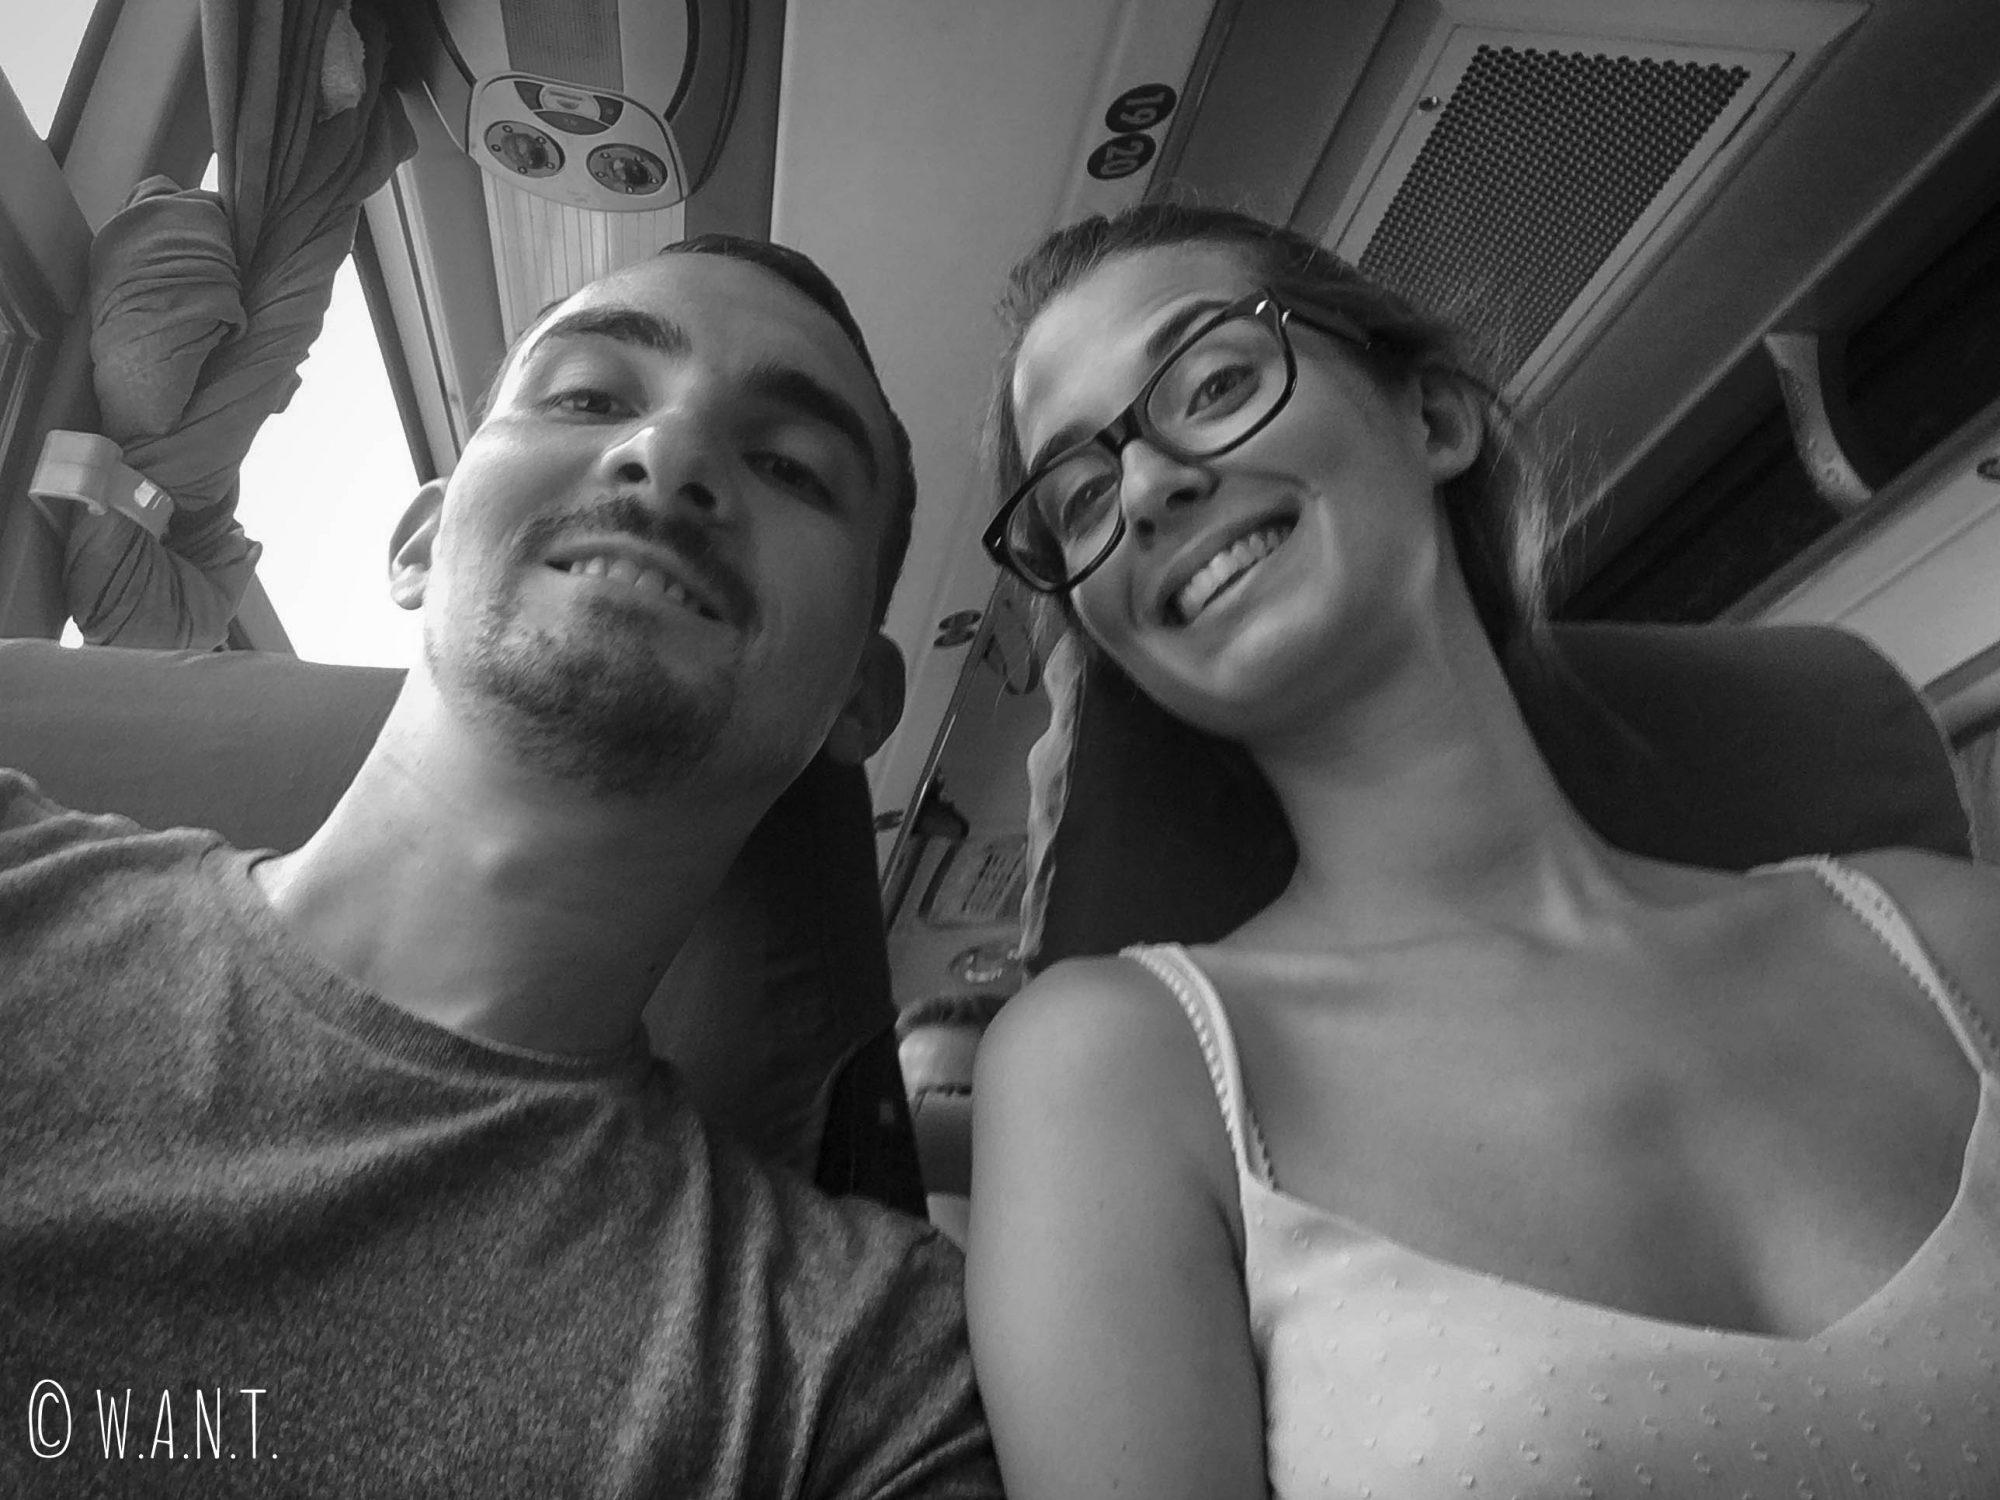 Tout sourire avant l'arrivée dans les montagnes, dans le bus de Bagan à Kalaw